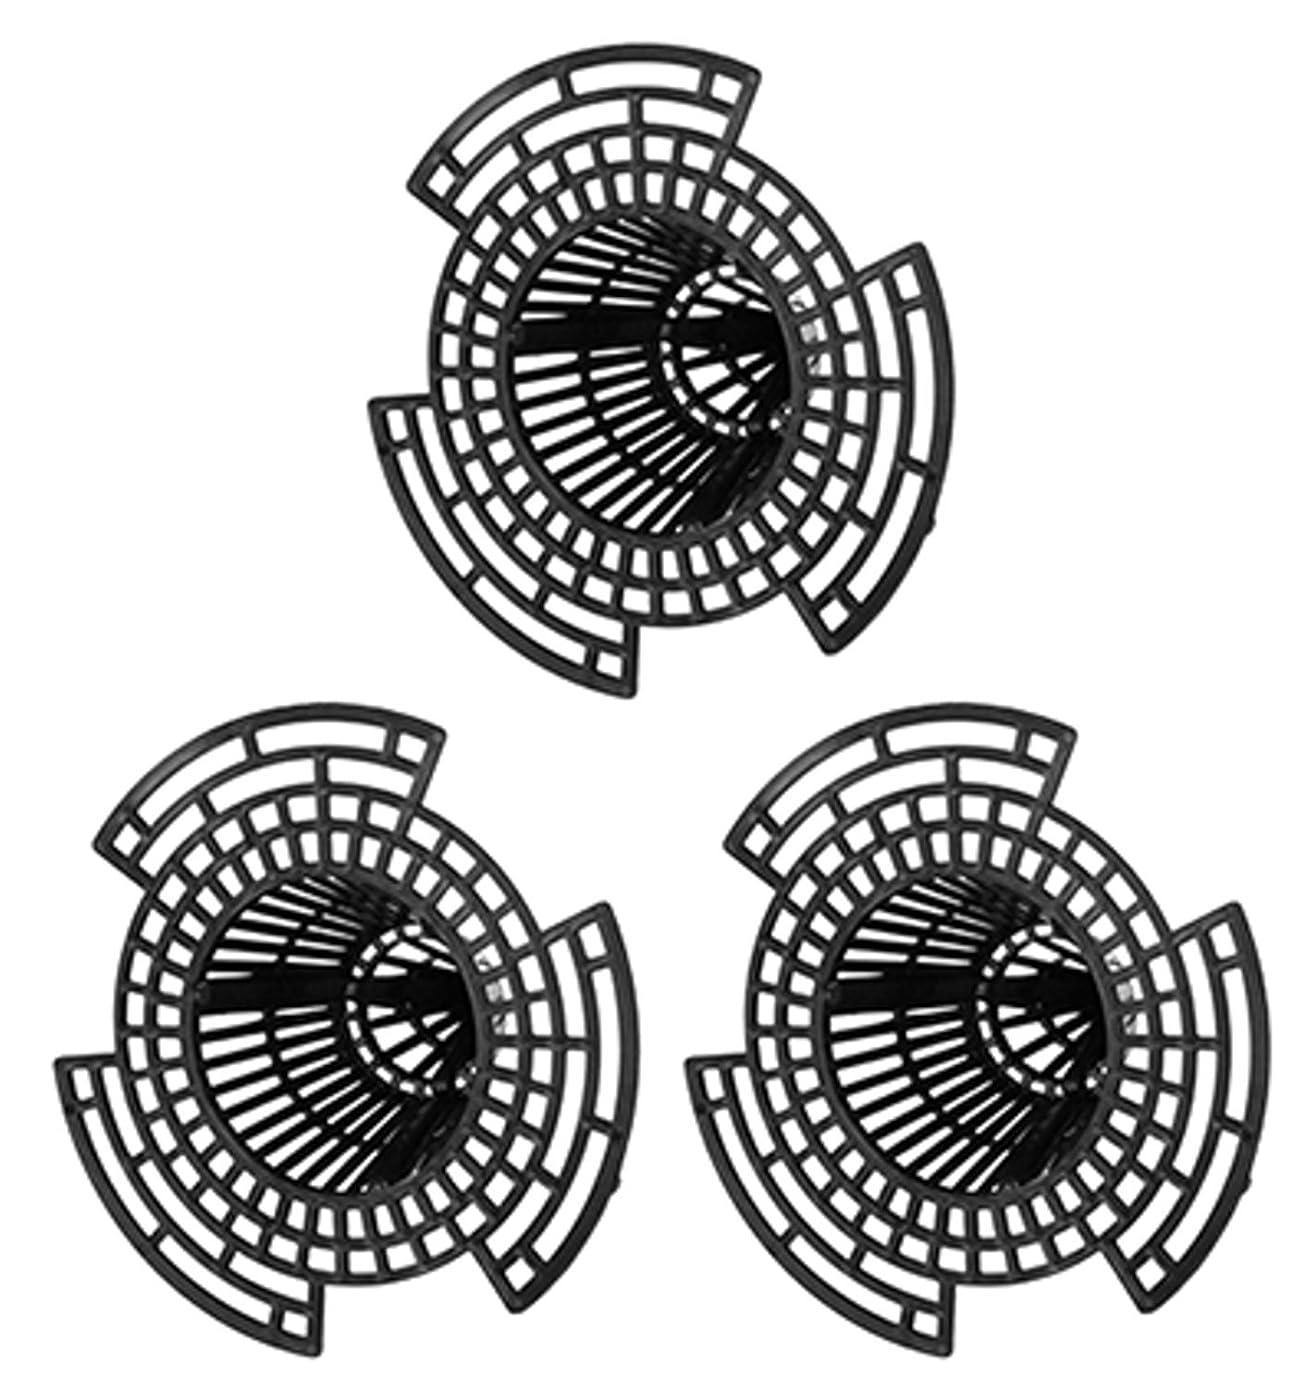 創造マイク貸し手ガーデンタワー 立体鉢底網 ネット 5個入り Lサイズ